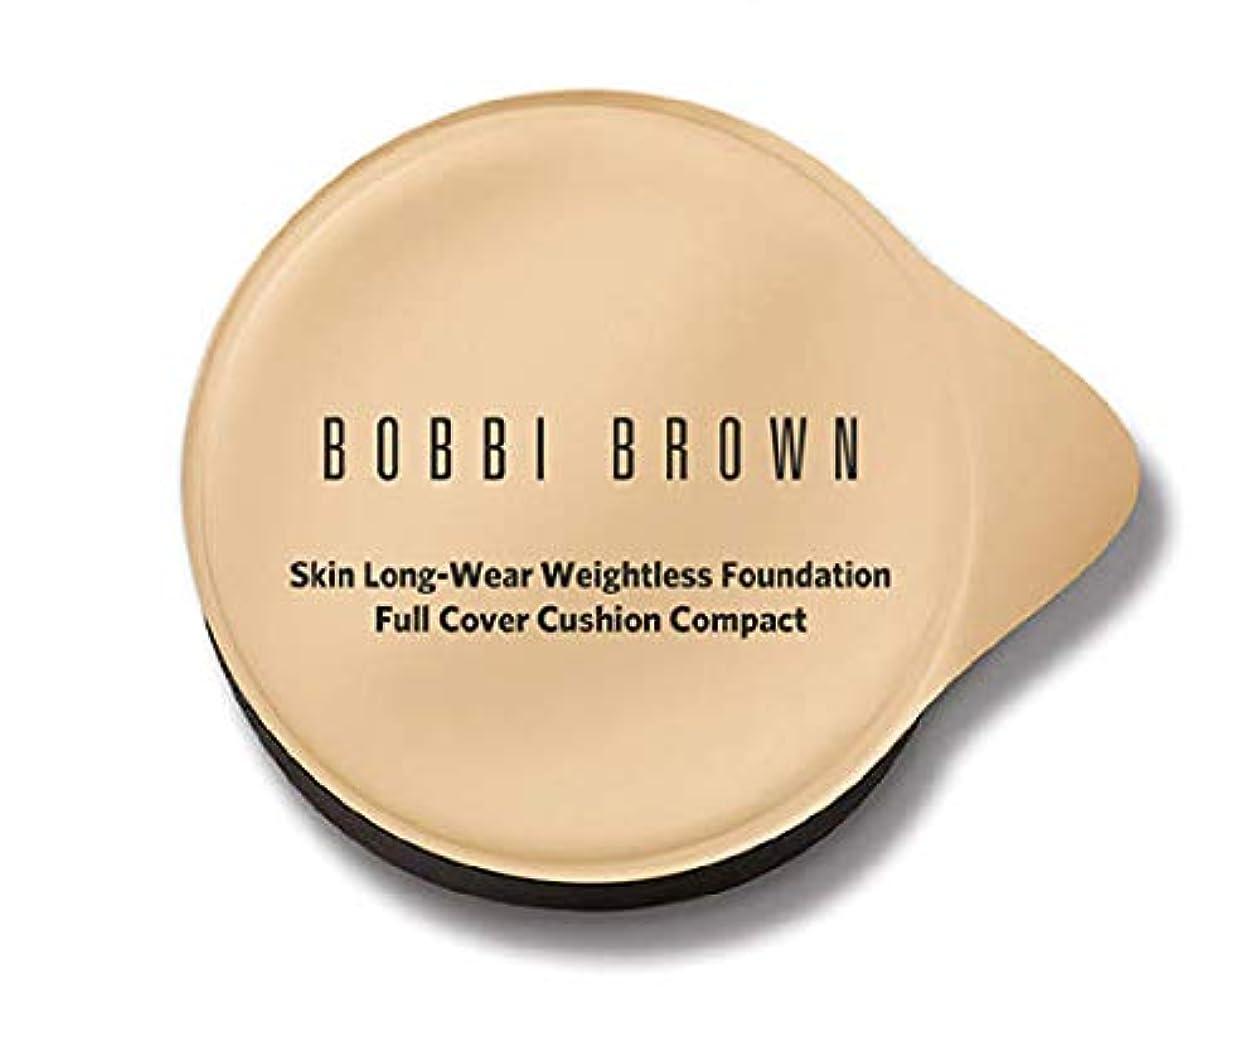 人気のバケット汚すボビーブラウンスキンロングウェアウエストレスファンデーションフルカバークッションコンパクトレフィル(スポンジ付)5色展開 (ミディアム)